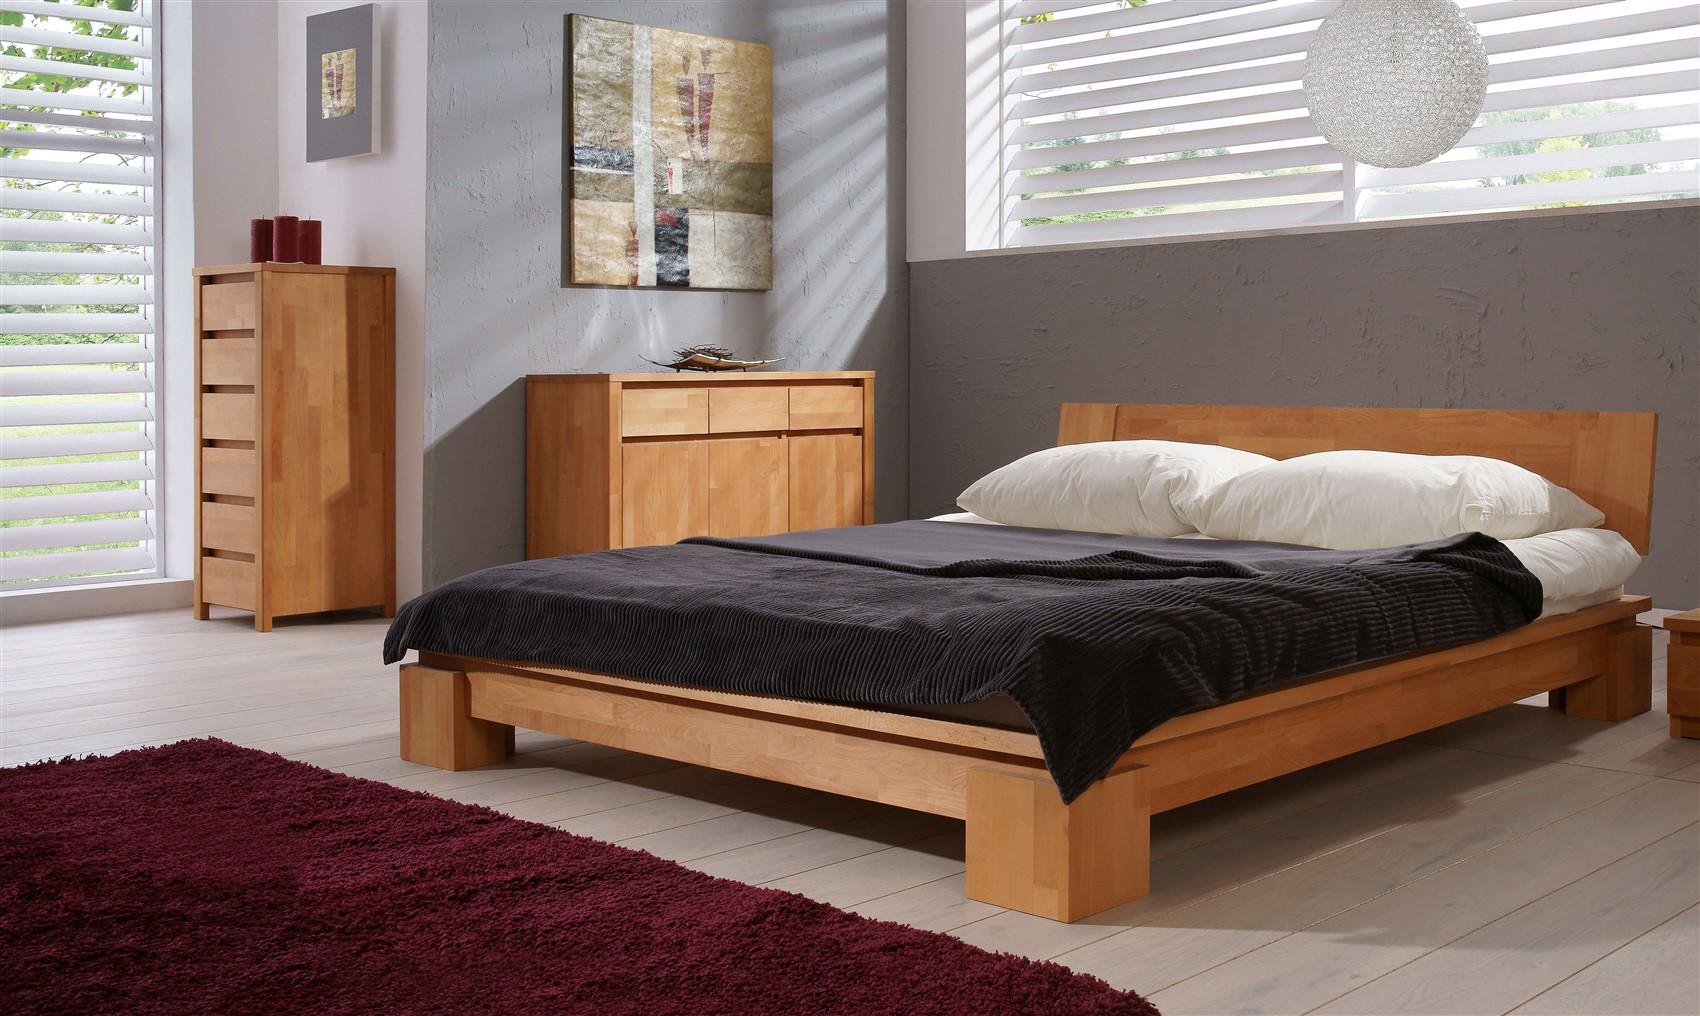 Full Size of Betten 160x200 Massivholzbett Bett Schlafzimmerbet Maison Buche Massiv Cm Ohne Kopfteil Oschmann Billerbeck Schöne Ruf Weiß Aus Holz Ottoversand Bett Betten 160x200